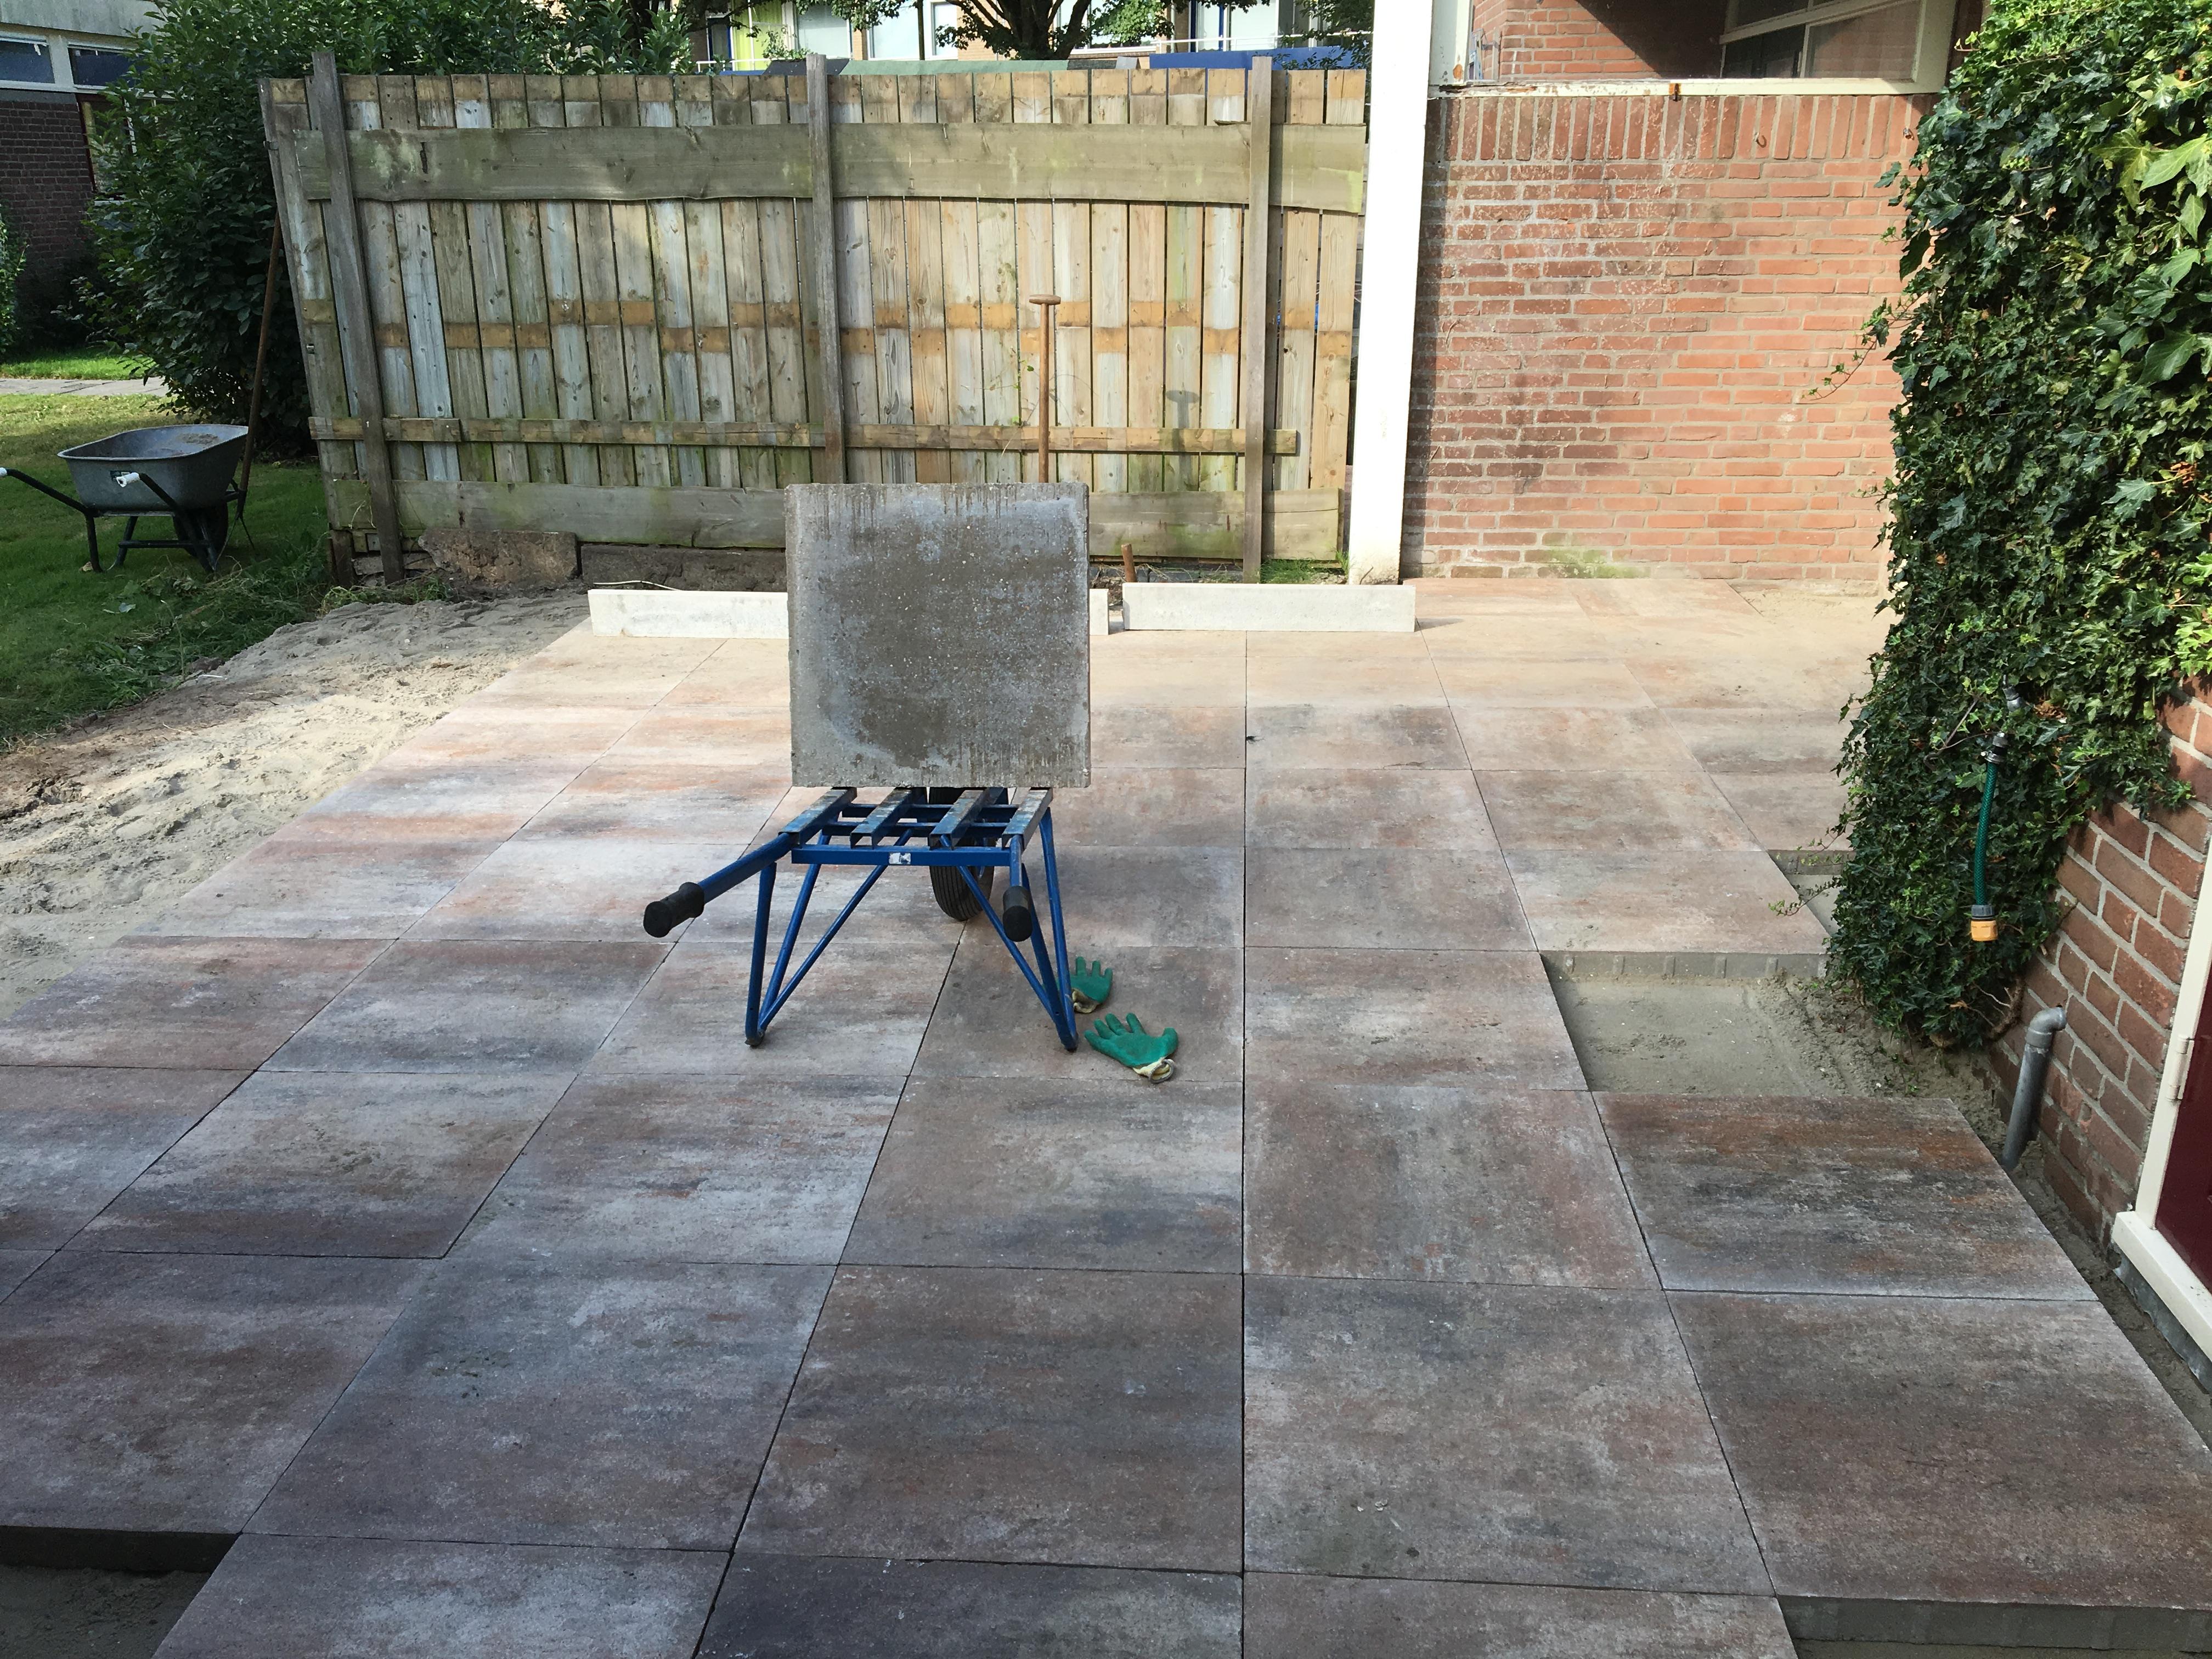 Tuin ontwerpen ideeen tegels aanleggen zwembad holidays oo - Tuin ideeen ...